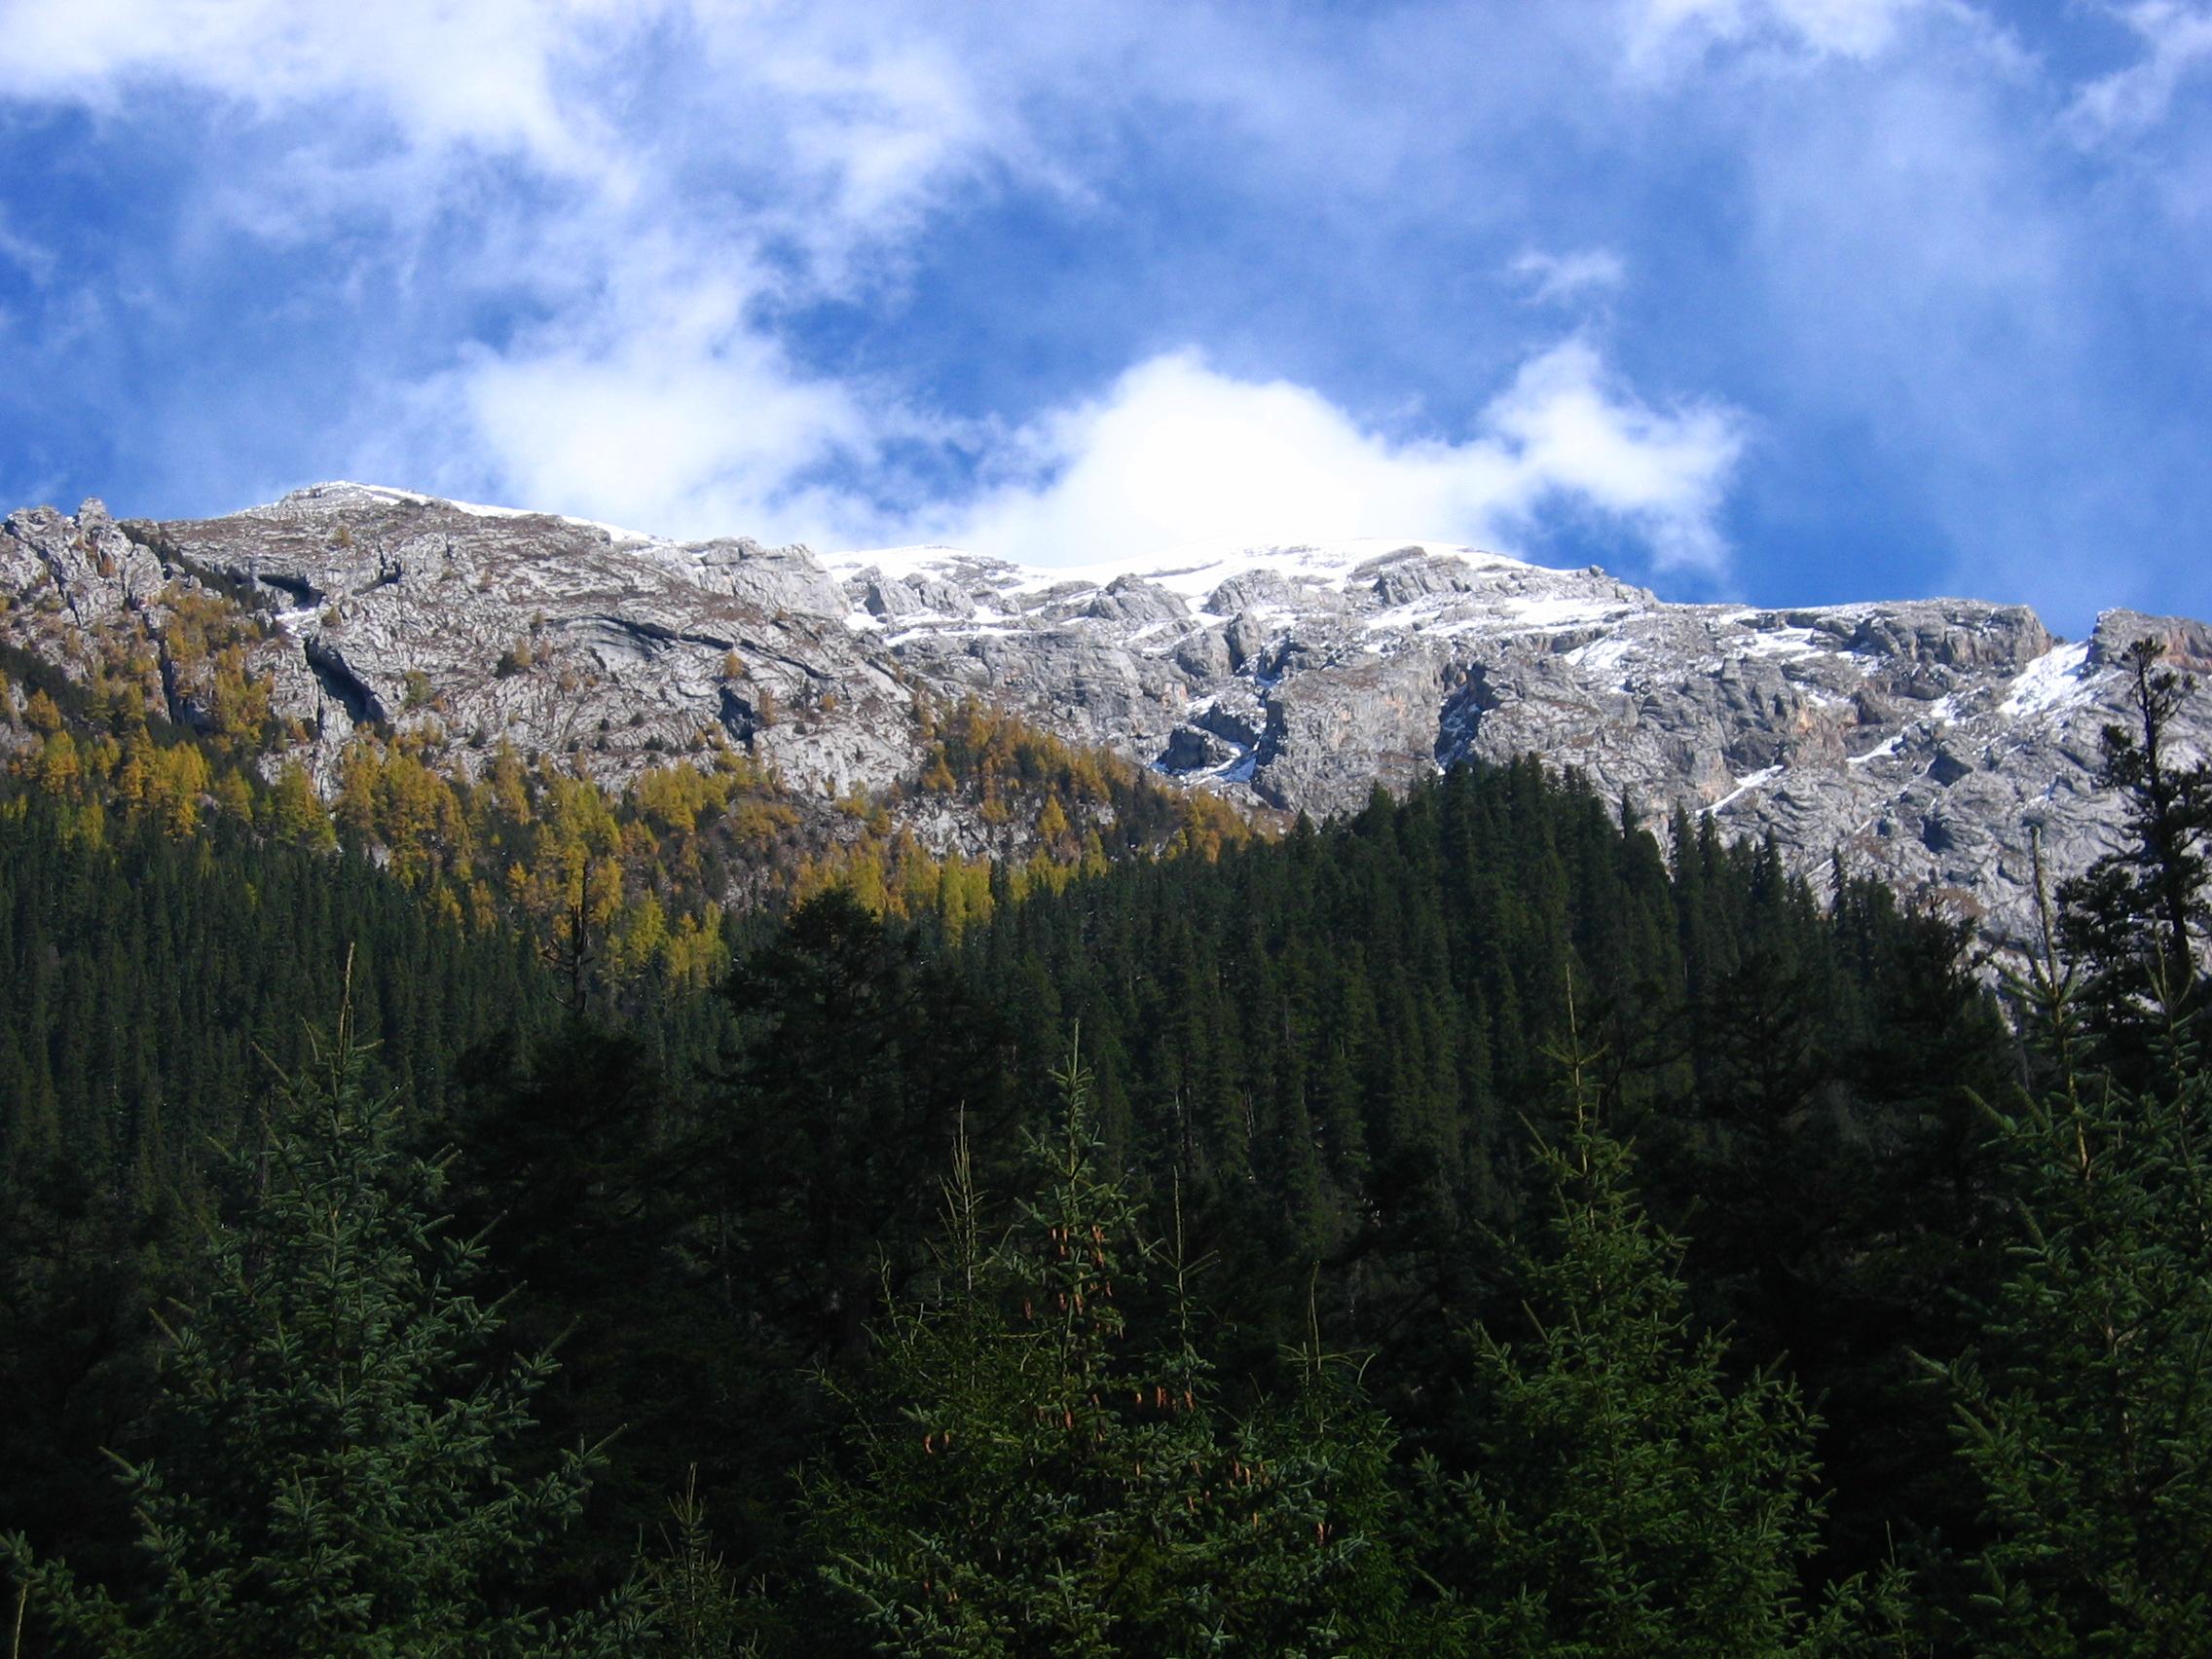 原始森林景观照片